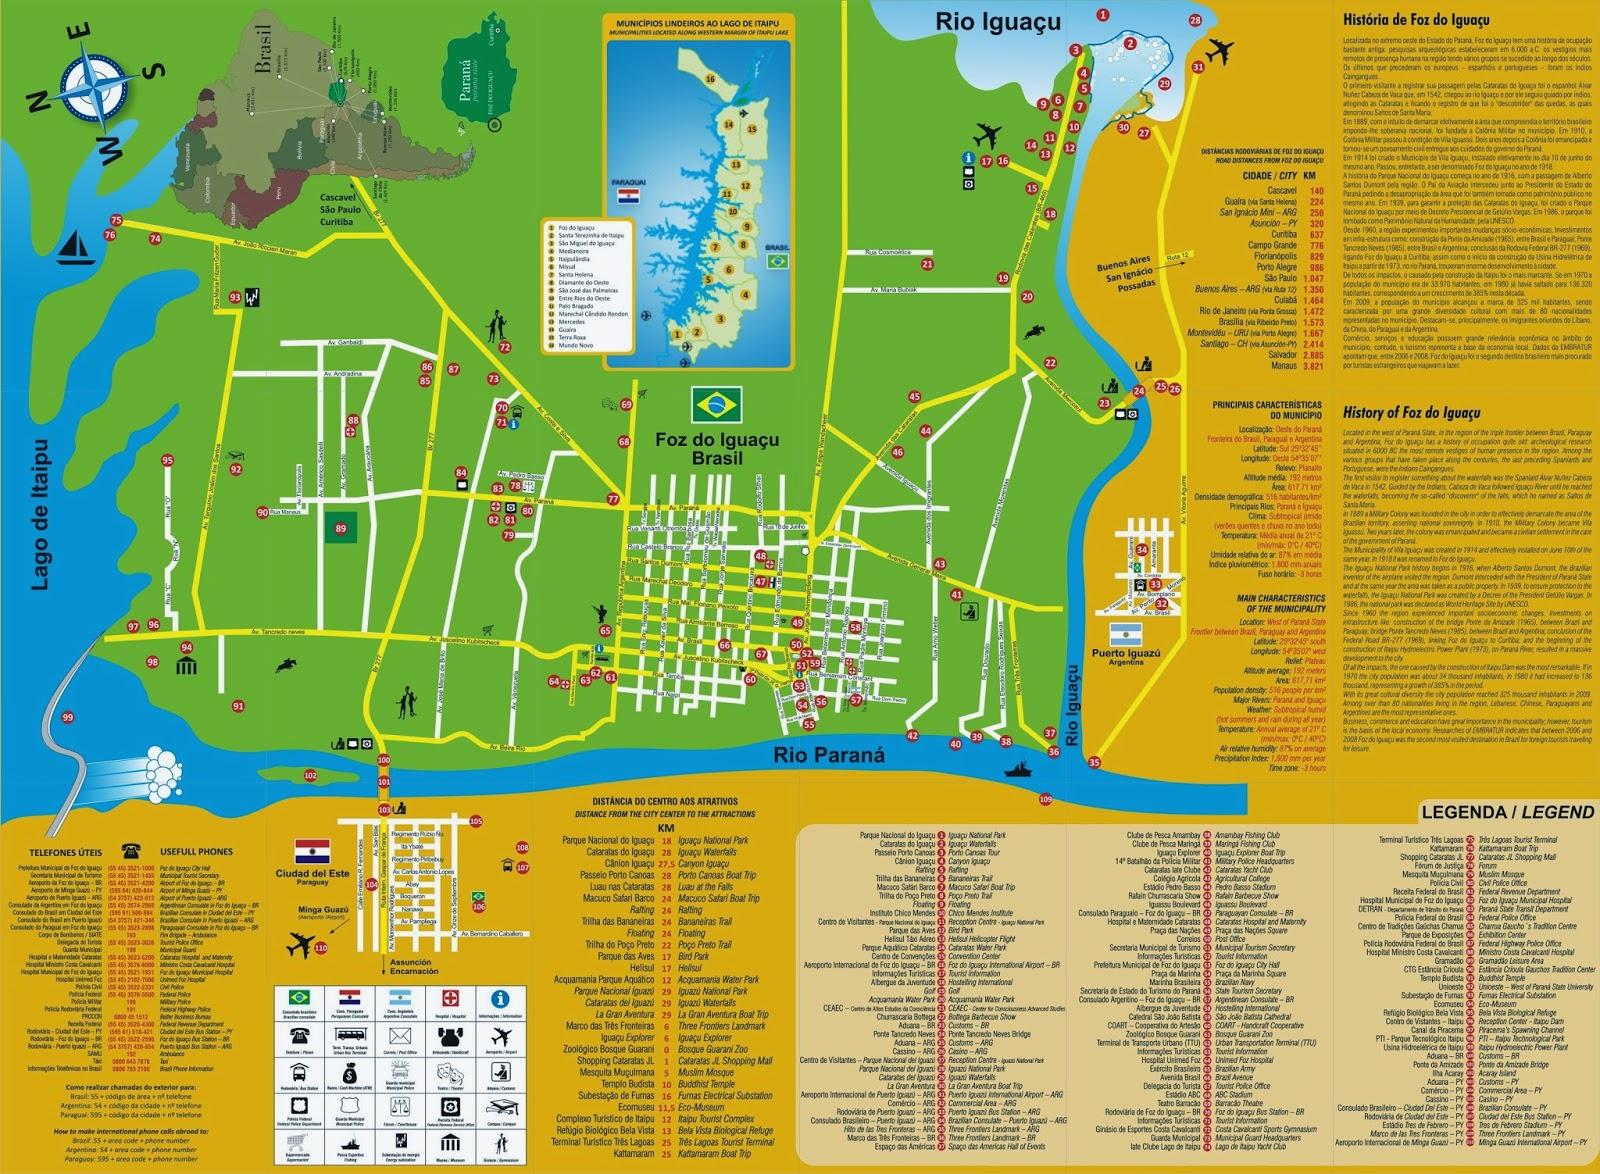 jardim ipe foz do iguacu : jardim ipe foz do iguacu:Lista dos Bairros de Foz do Iguaçu